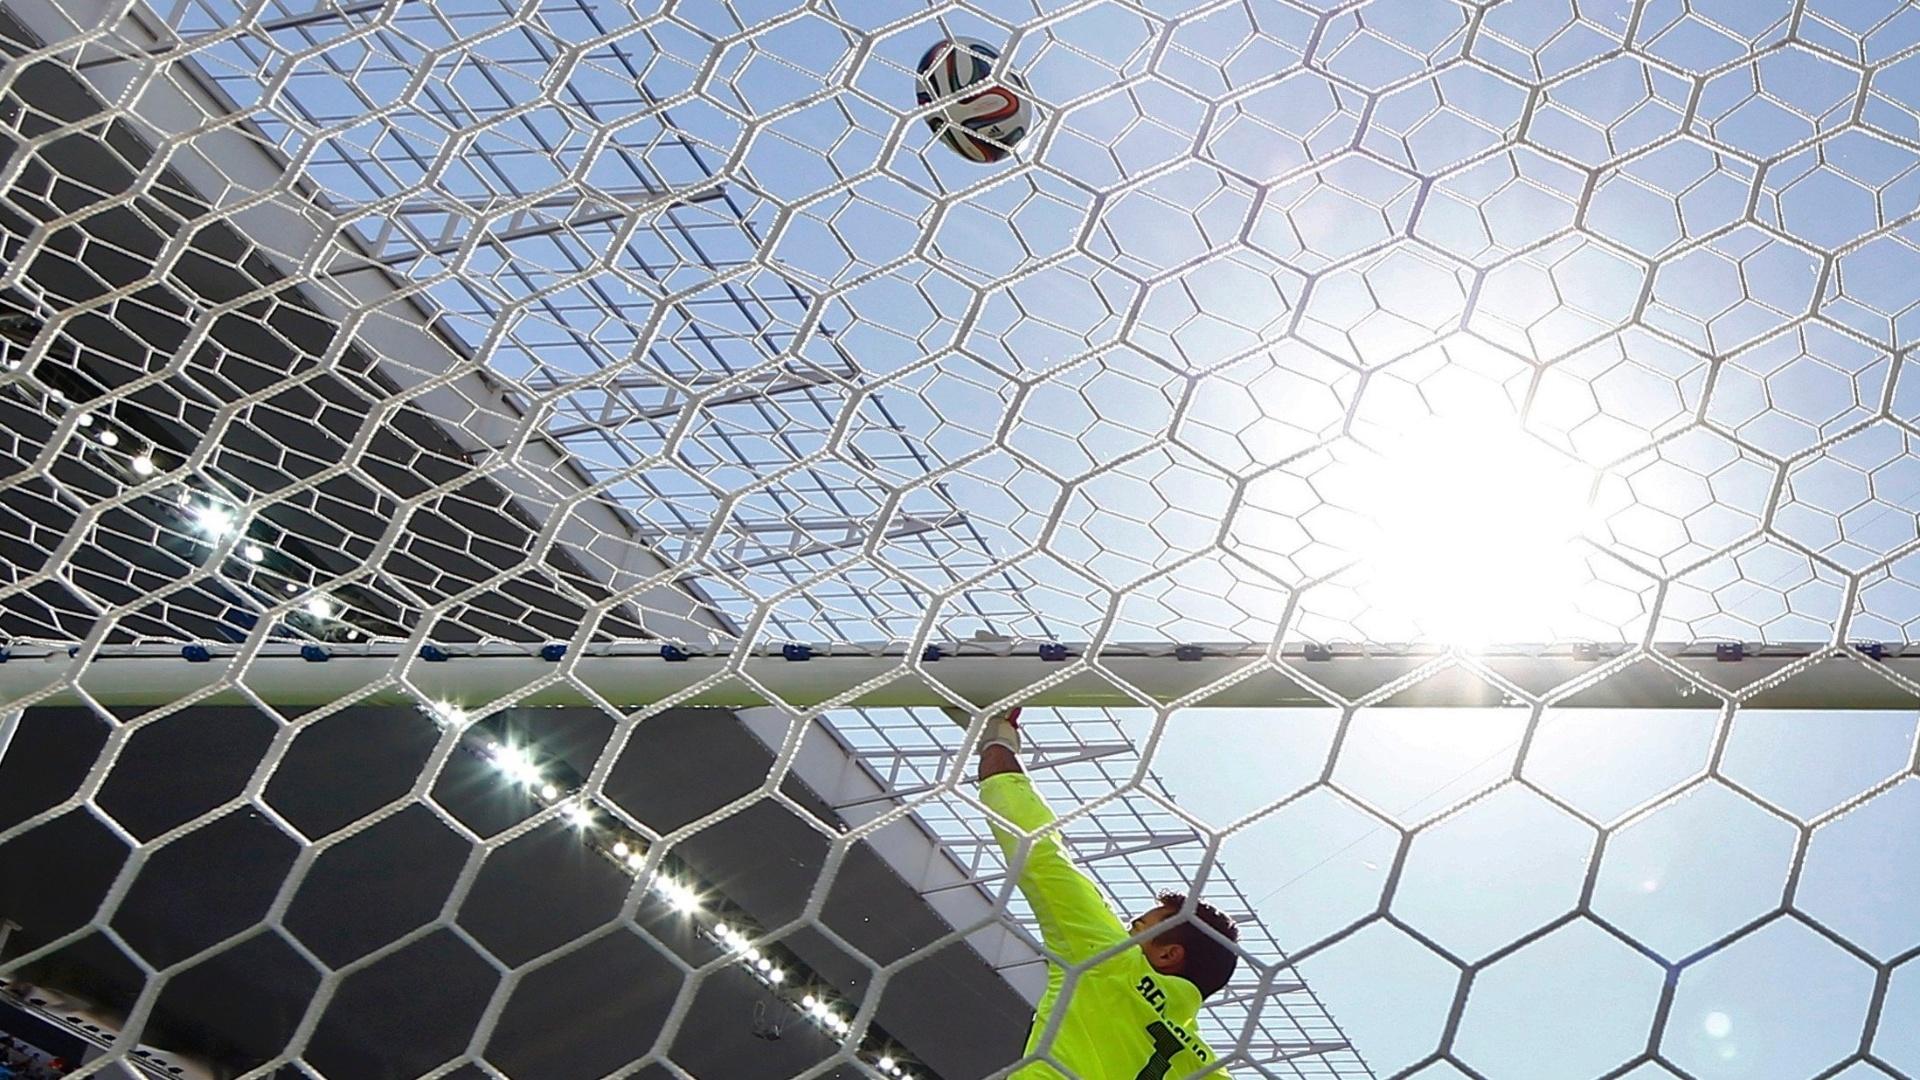 01.jul.2014 - Goleiro Diego Benaglio, da Suíça, tenta fazer defesa no primeiro tempo do jogo contra a Argentina, no Itaquerão